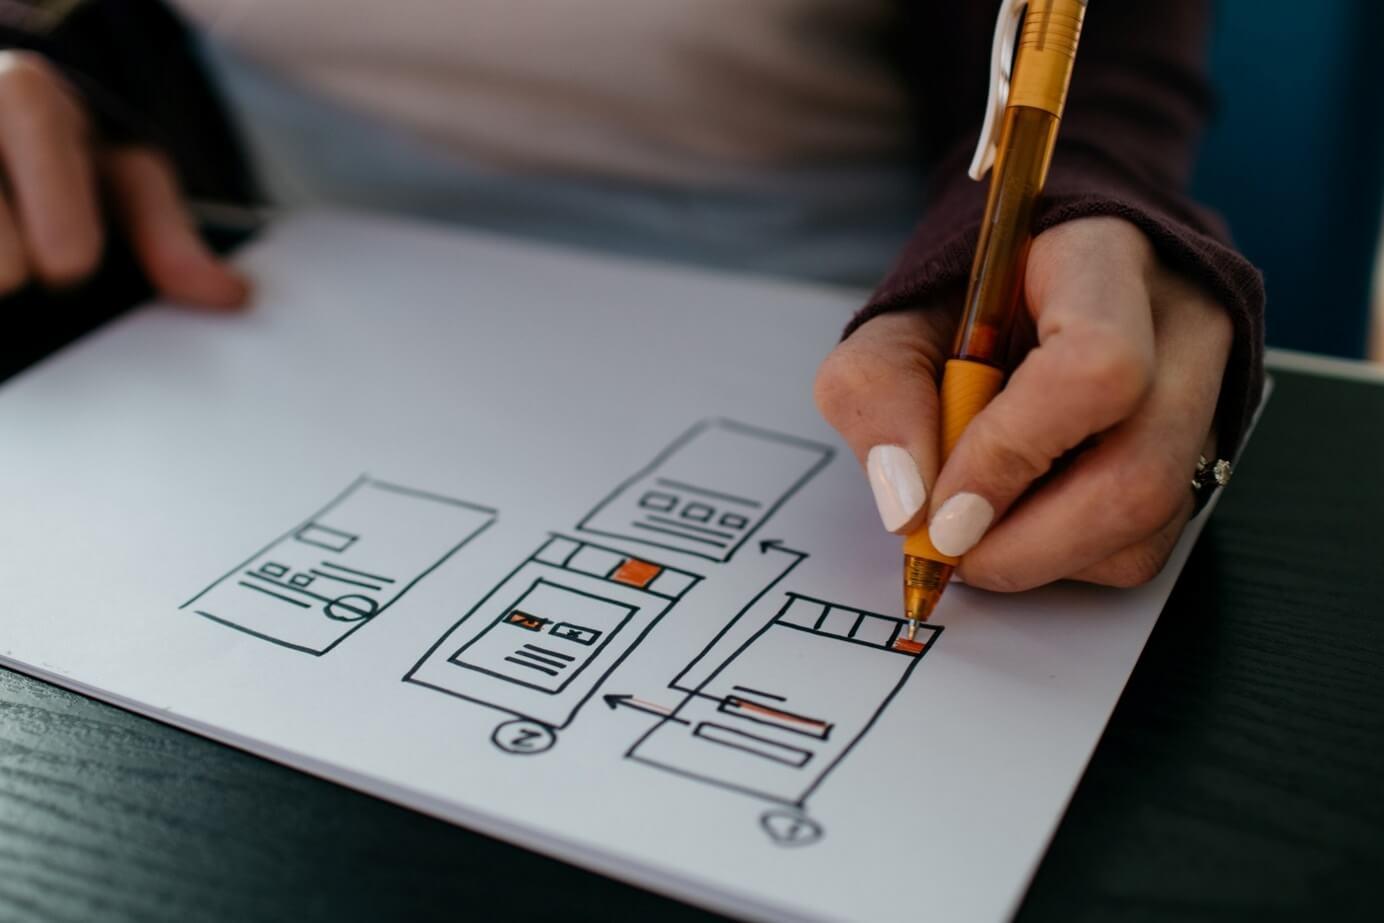 projektowanie wireframe